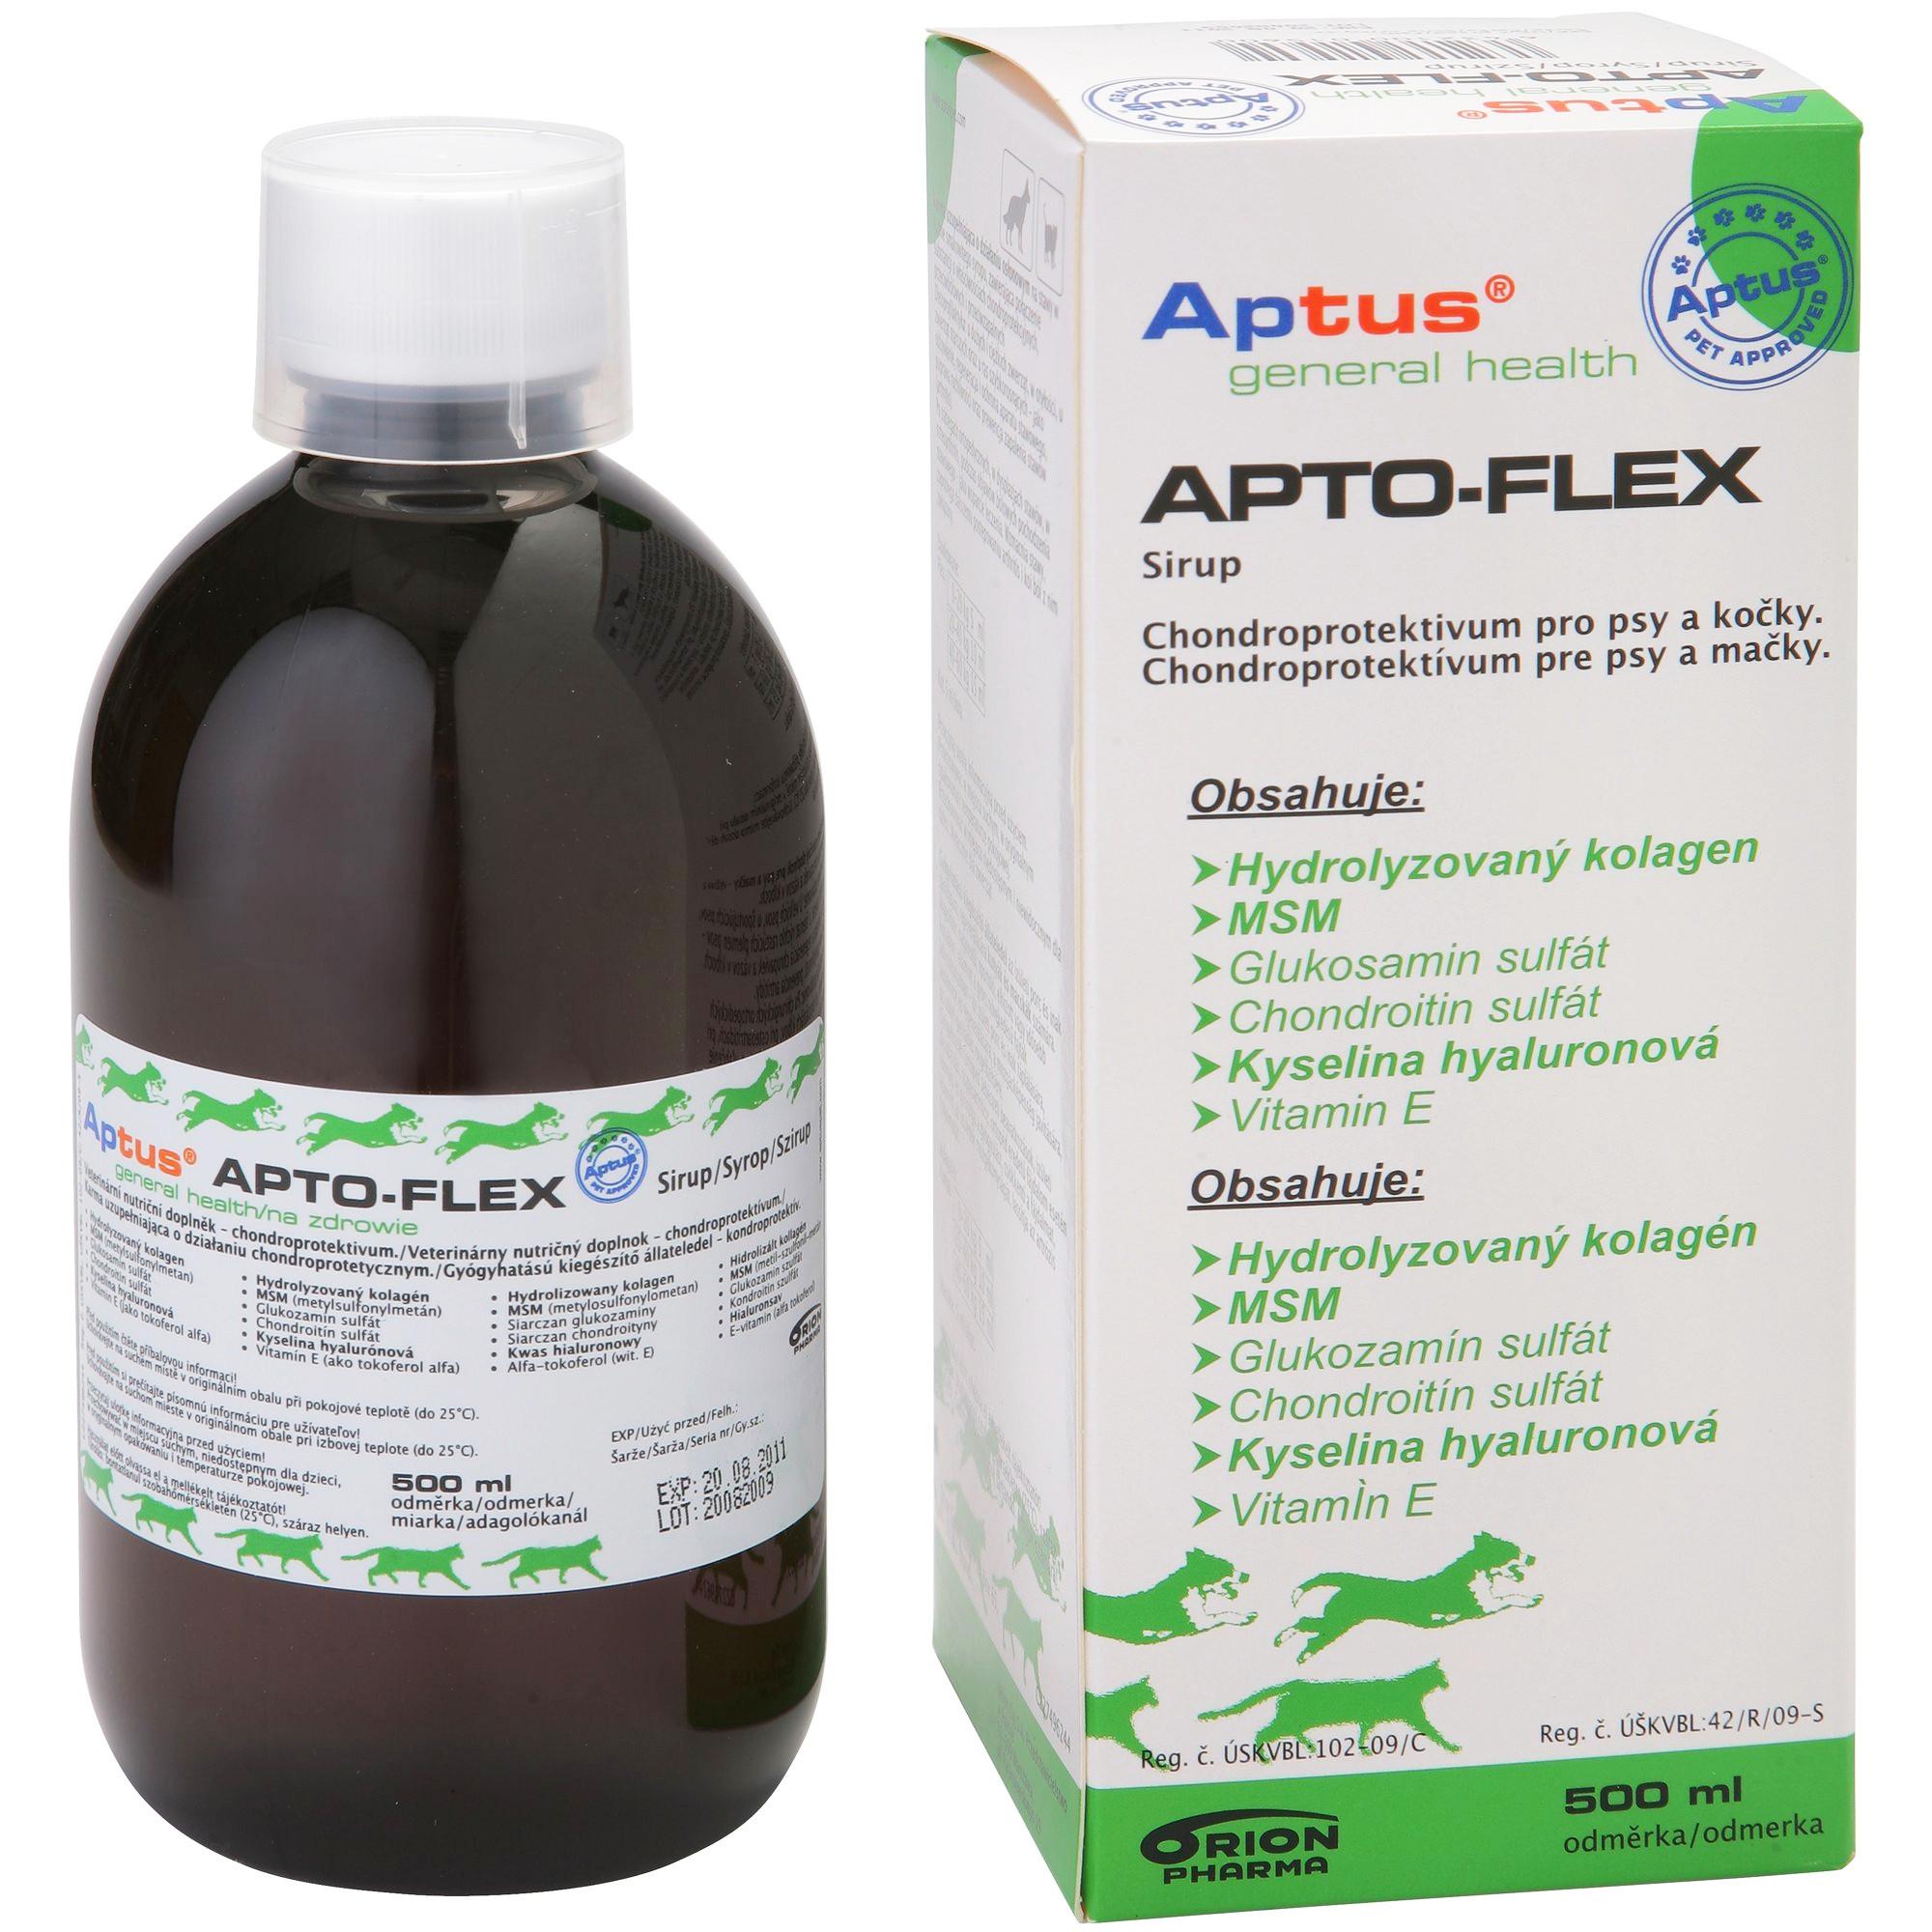 Aptus Apto-Flex Vet sirup pro - klouby psů a koček, 500 ml